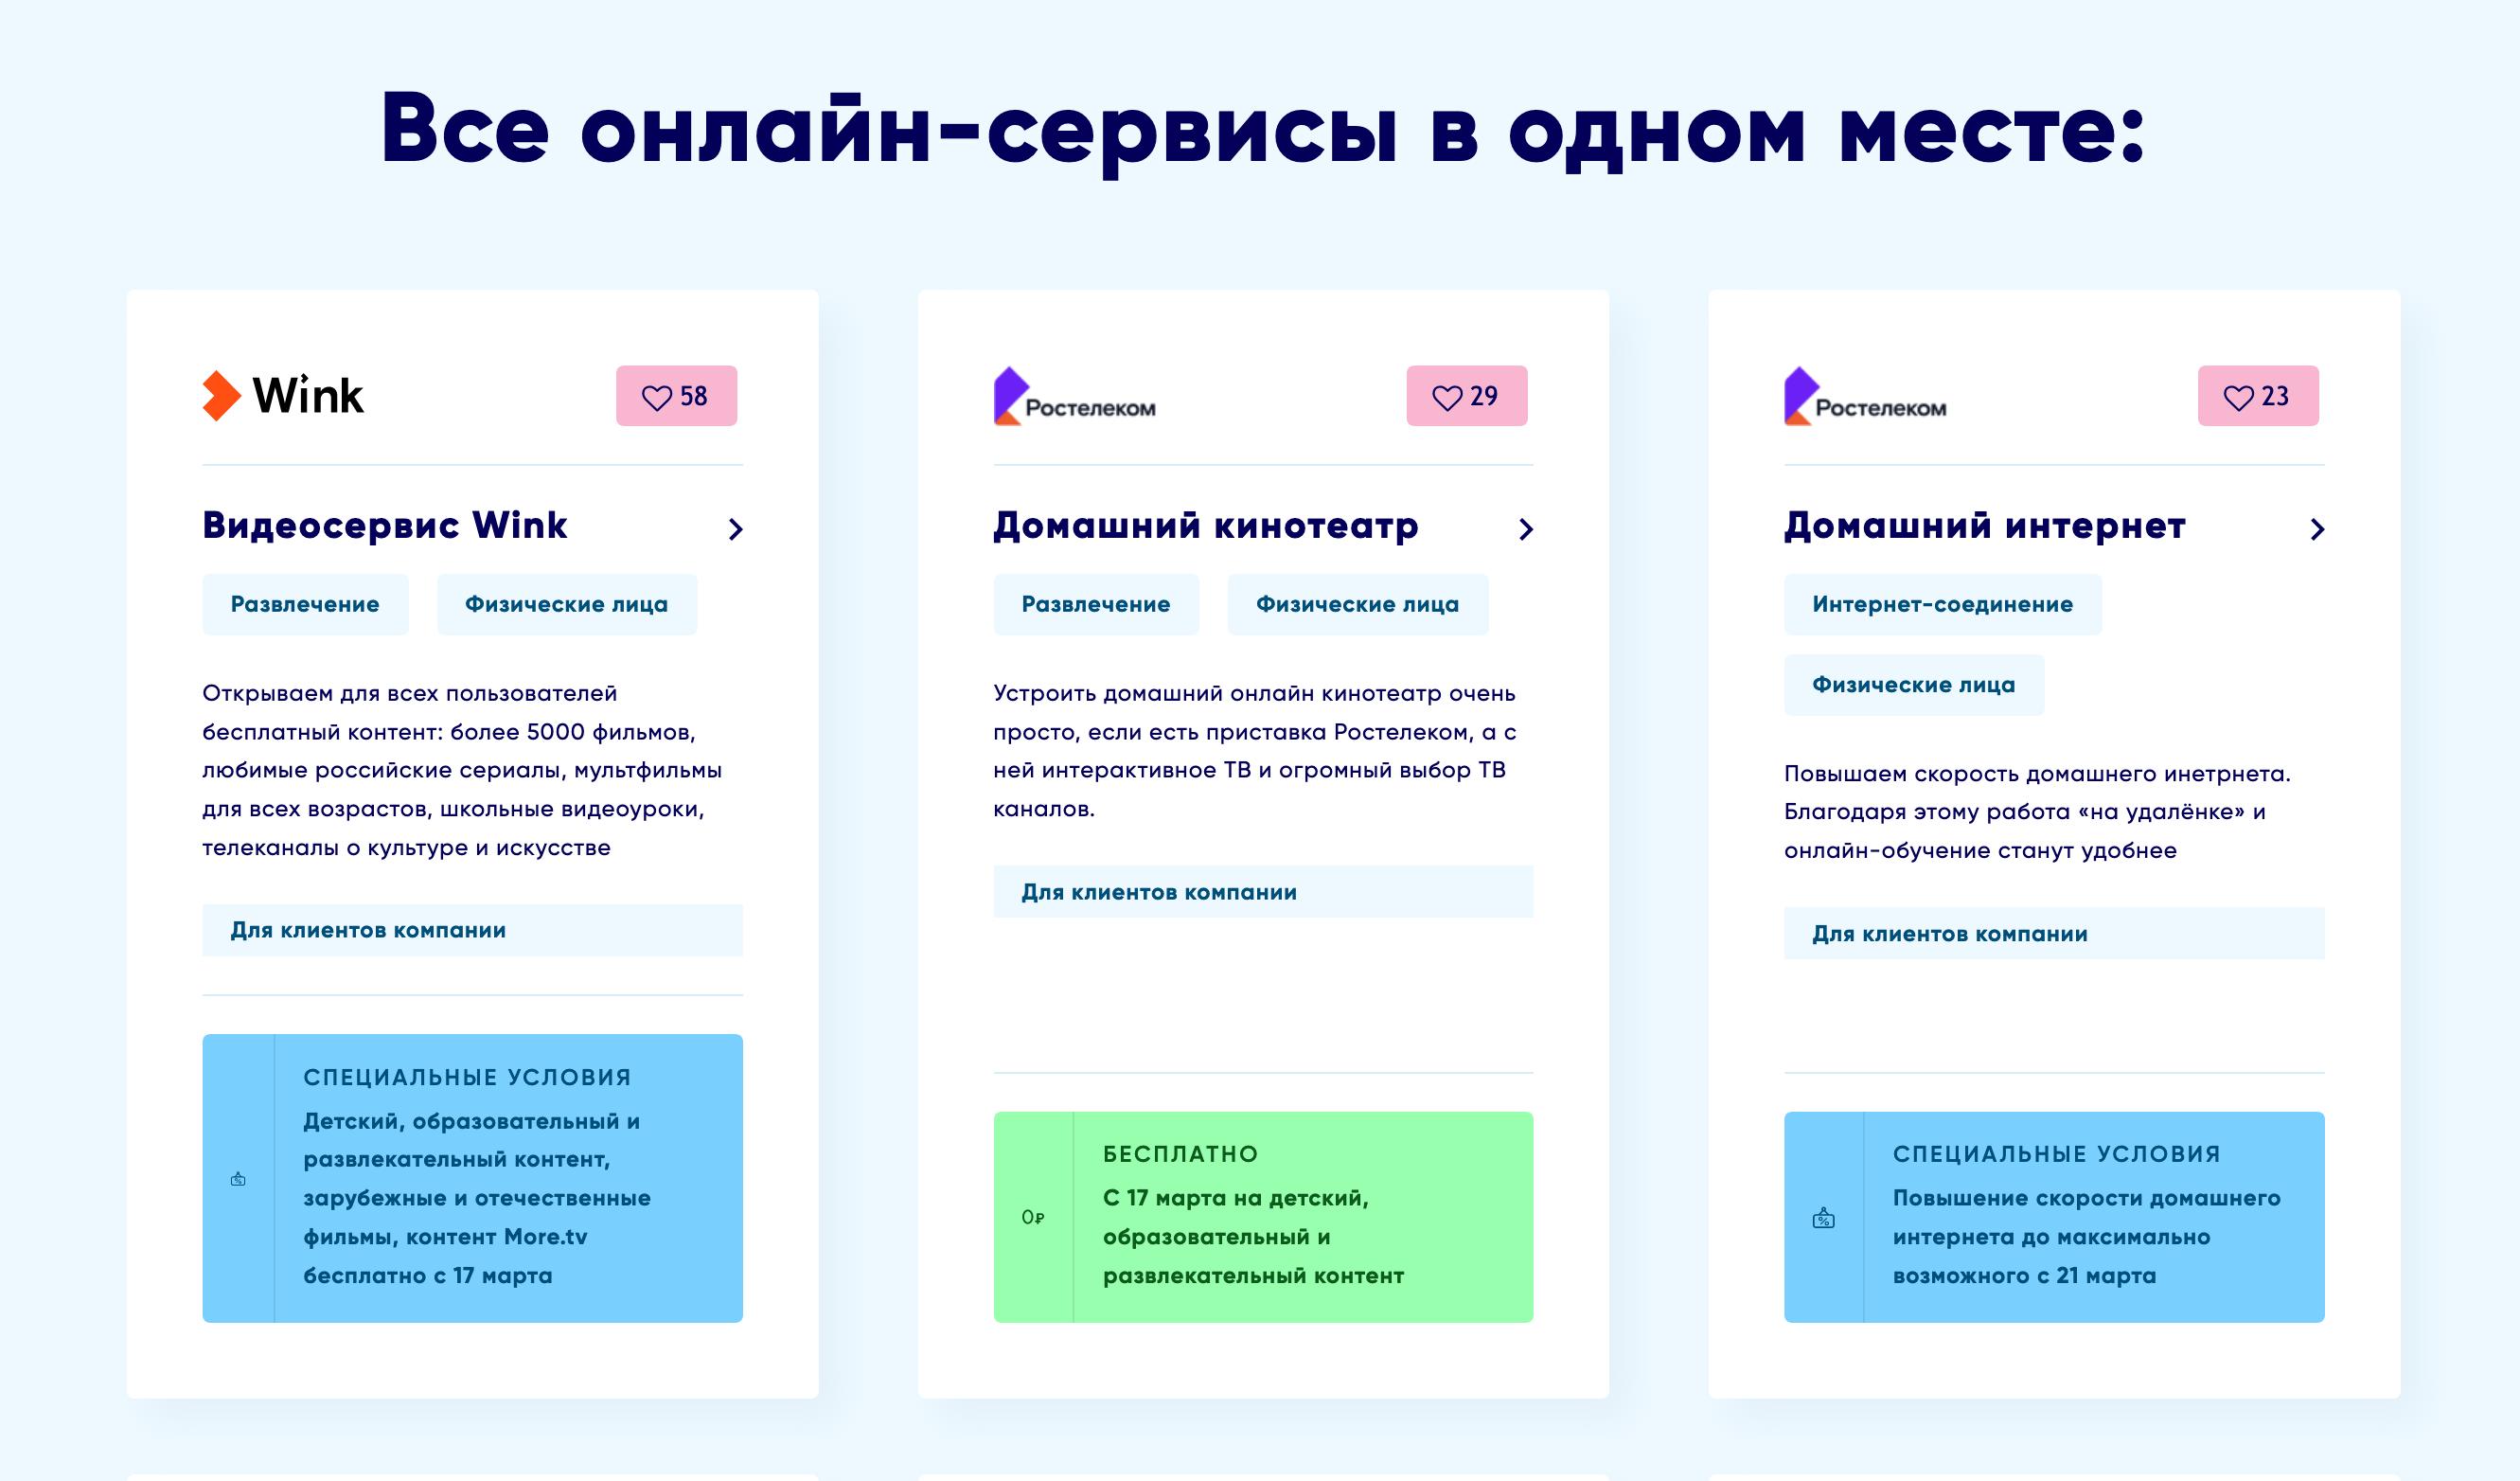 все.онлайн каталог сервисов